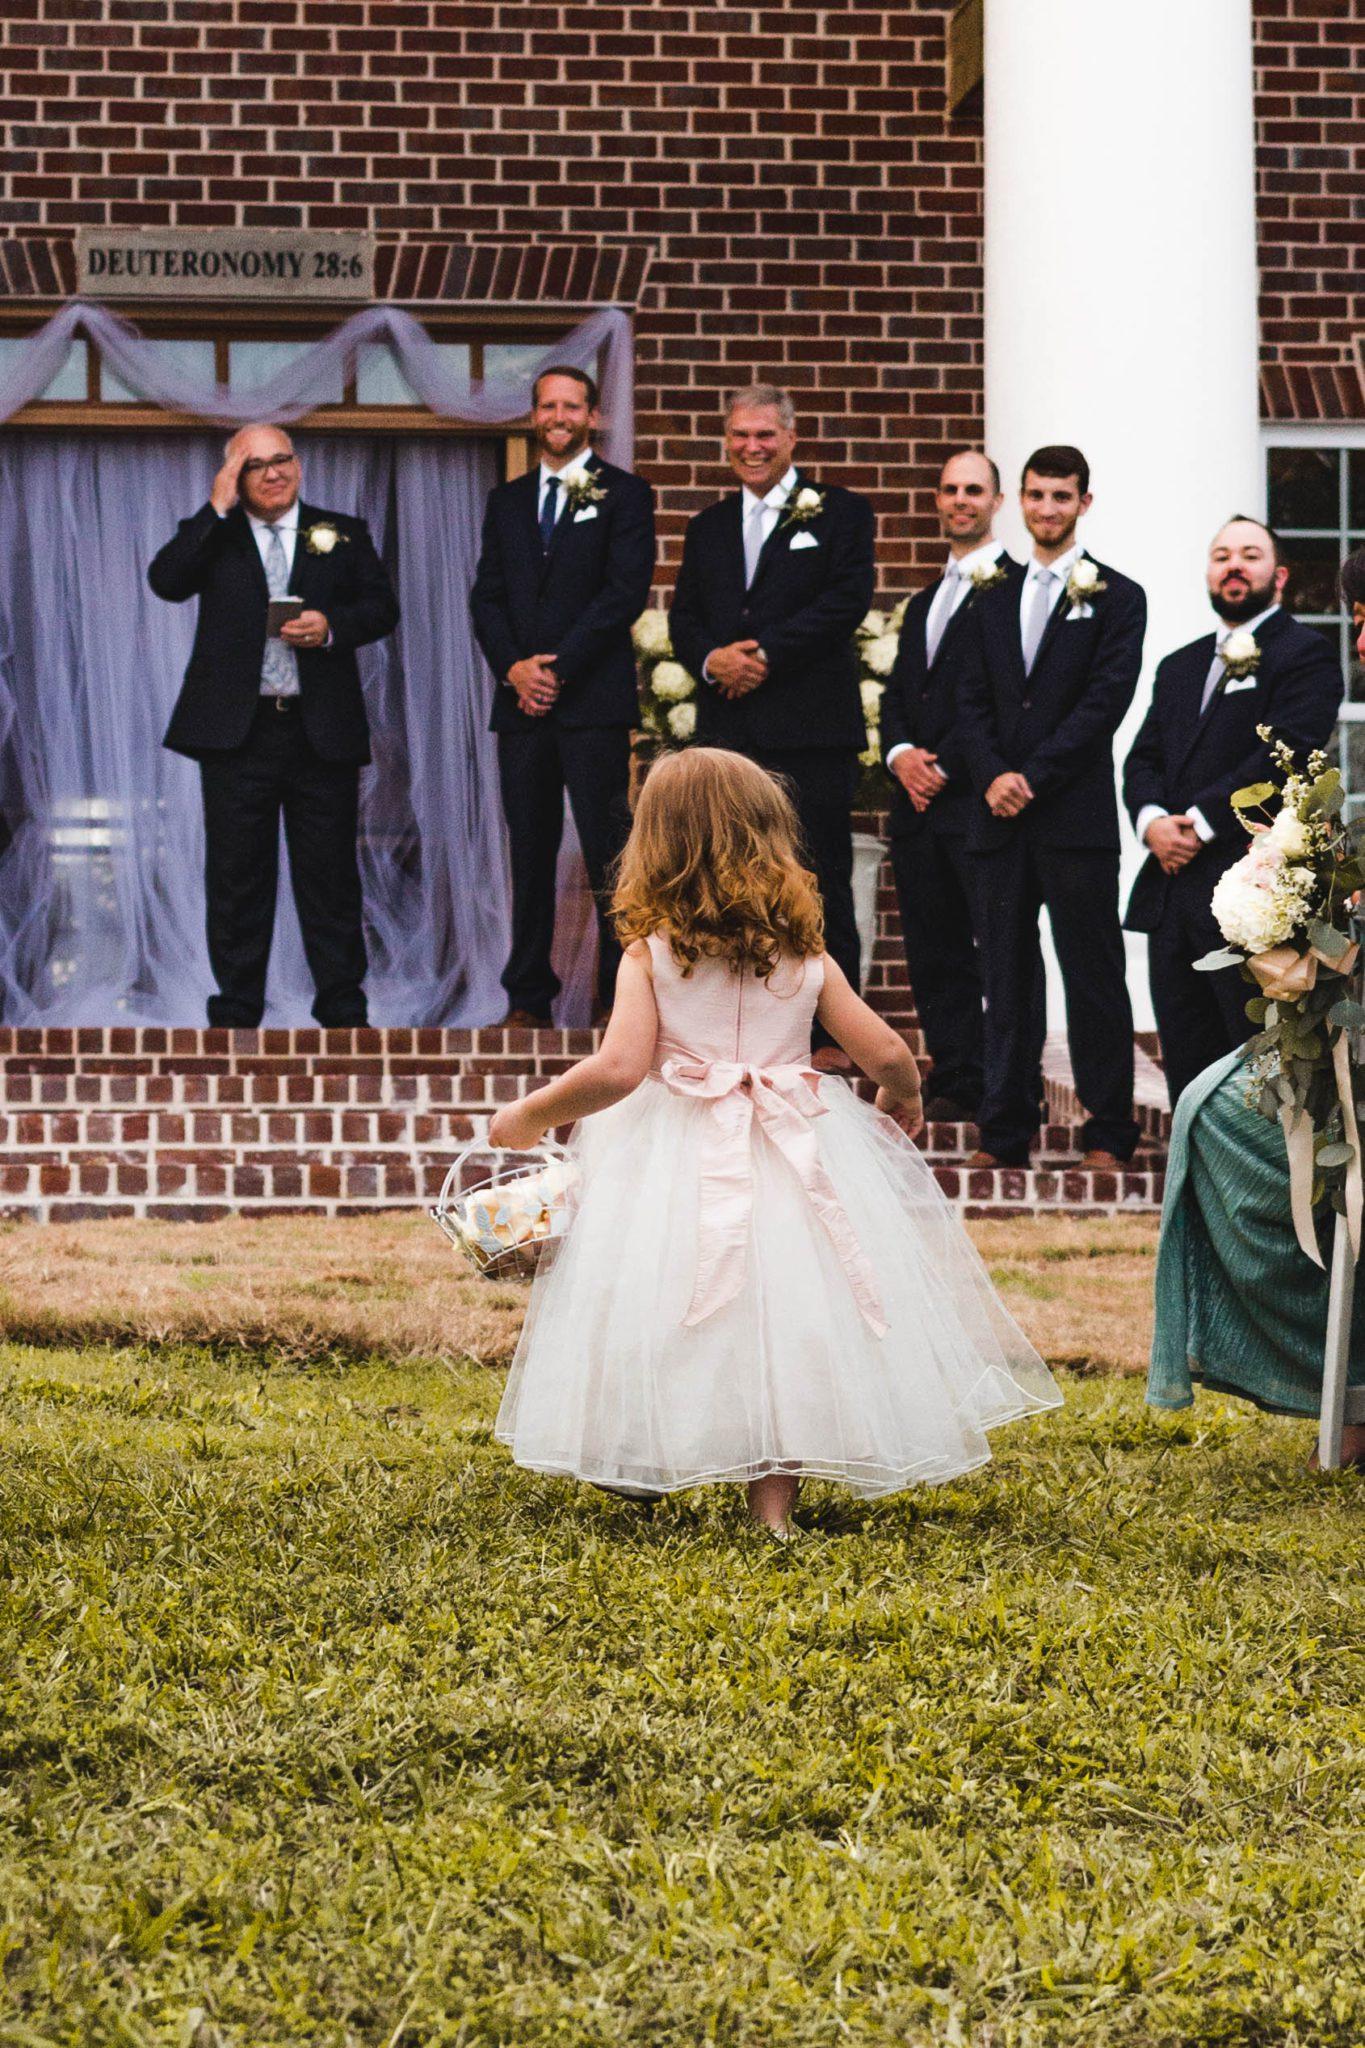 Výběr svatebního fotografa – nepodceňte tuto část příprav